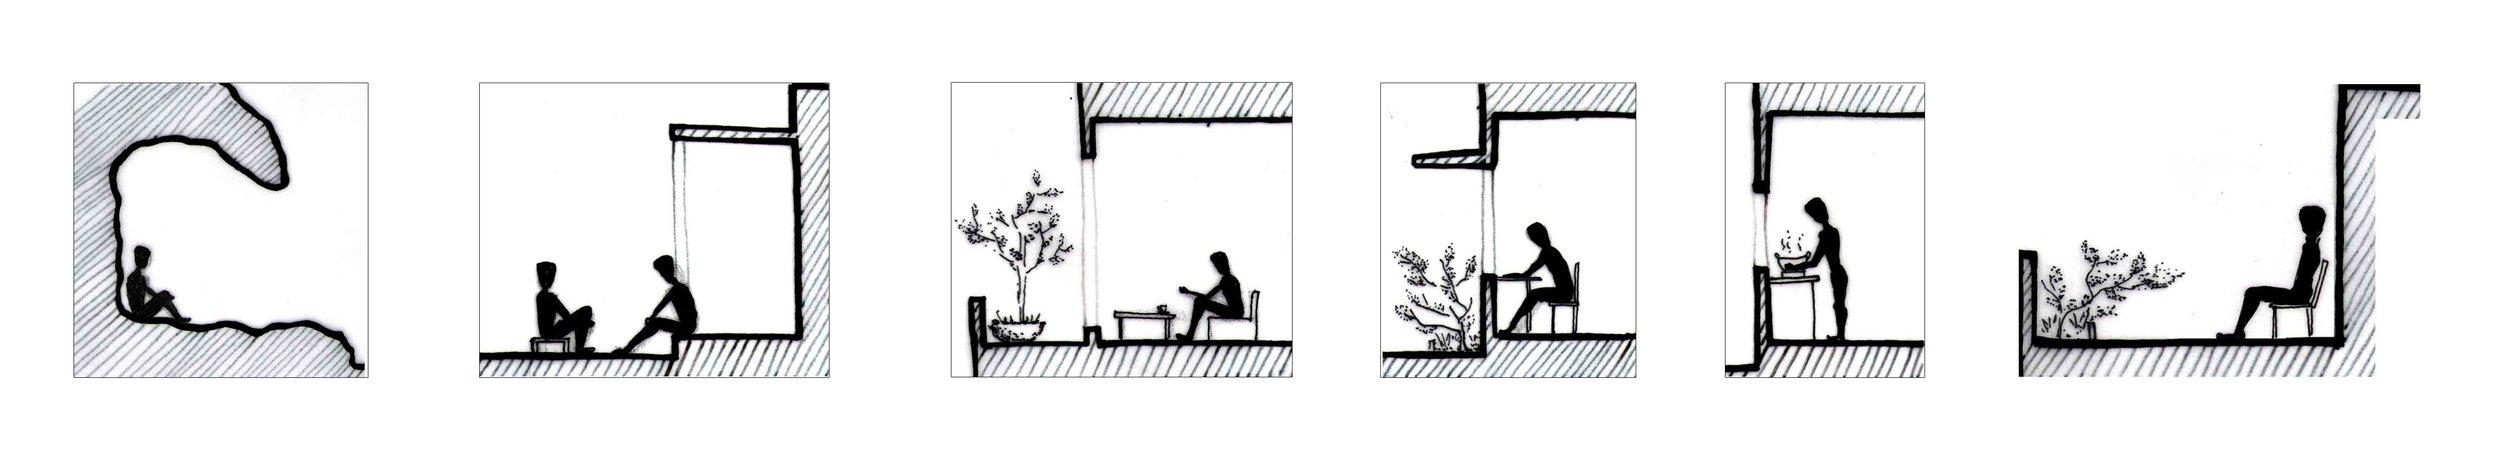 Sheet 4.jpg